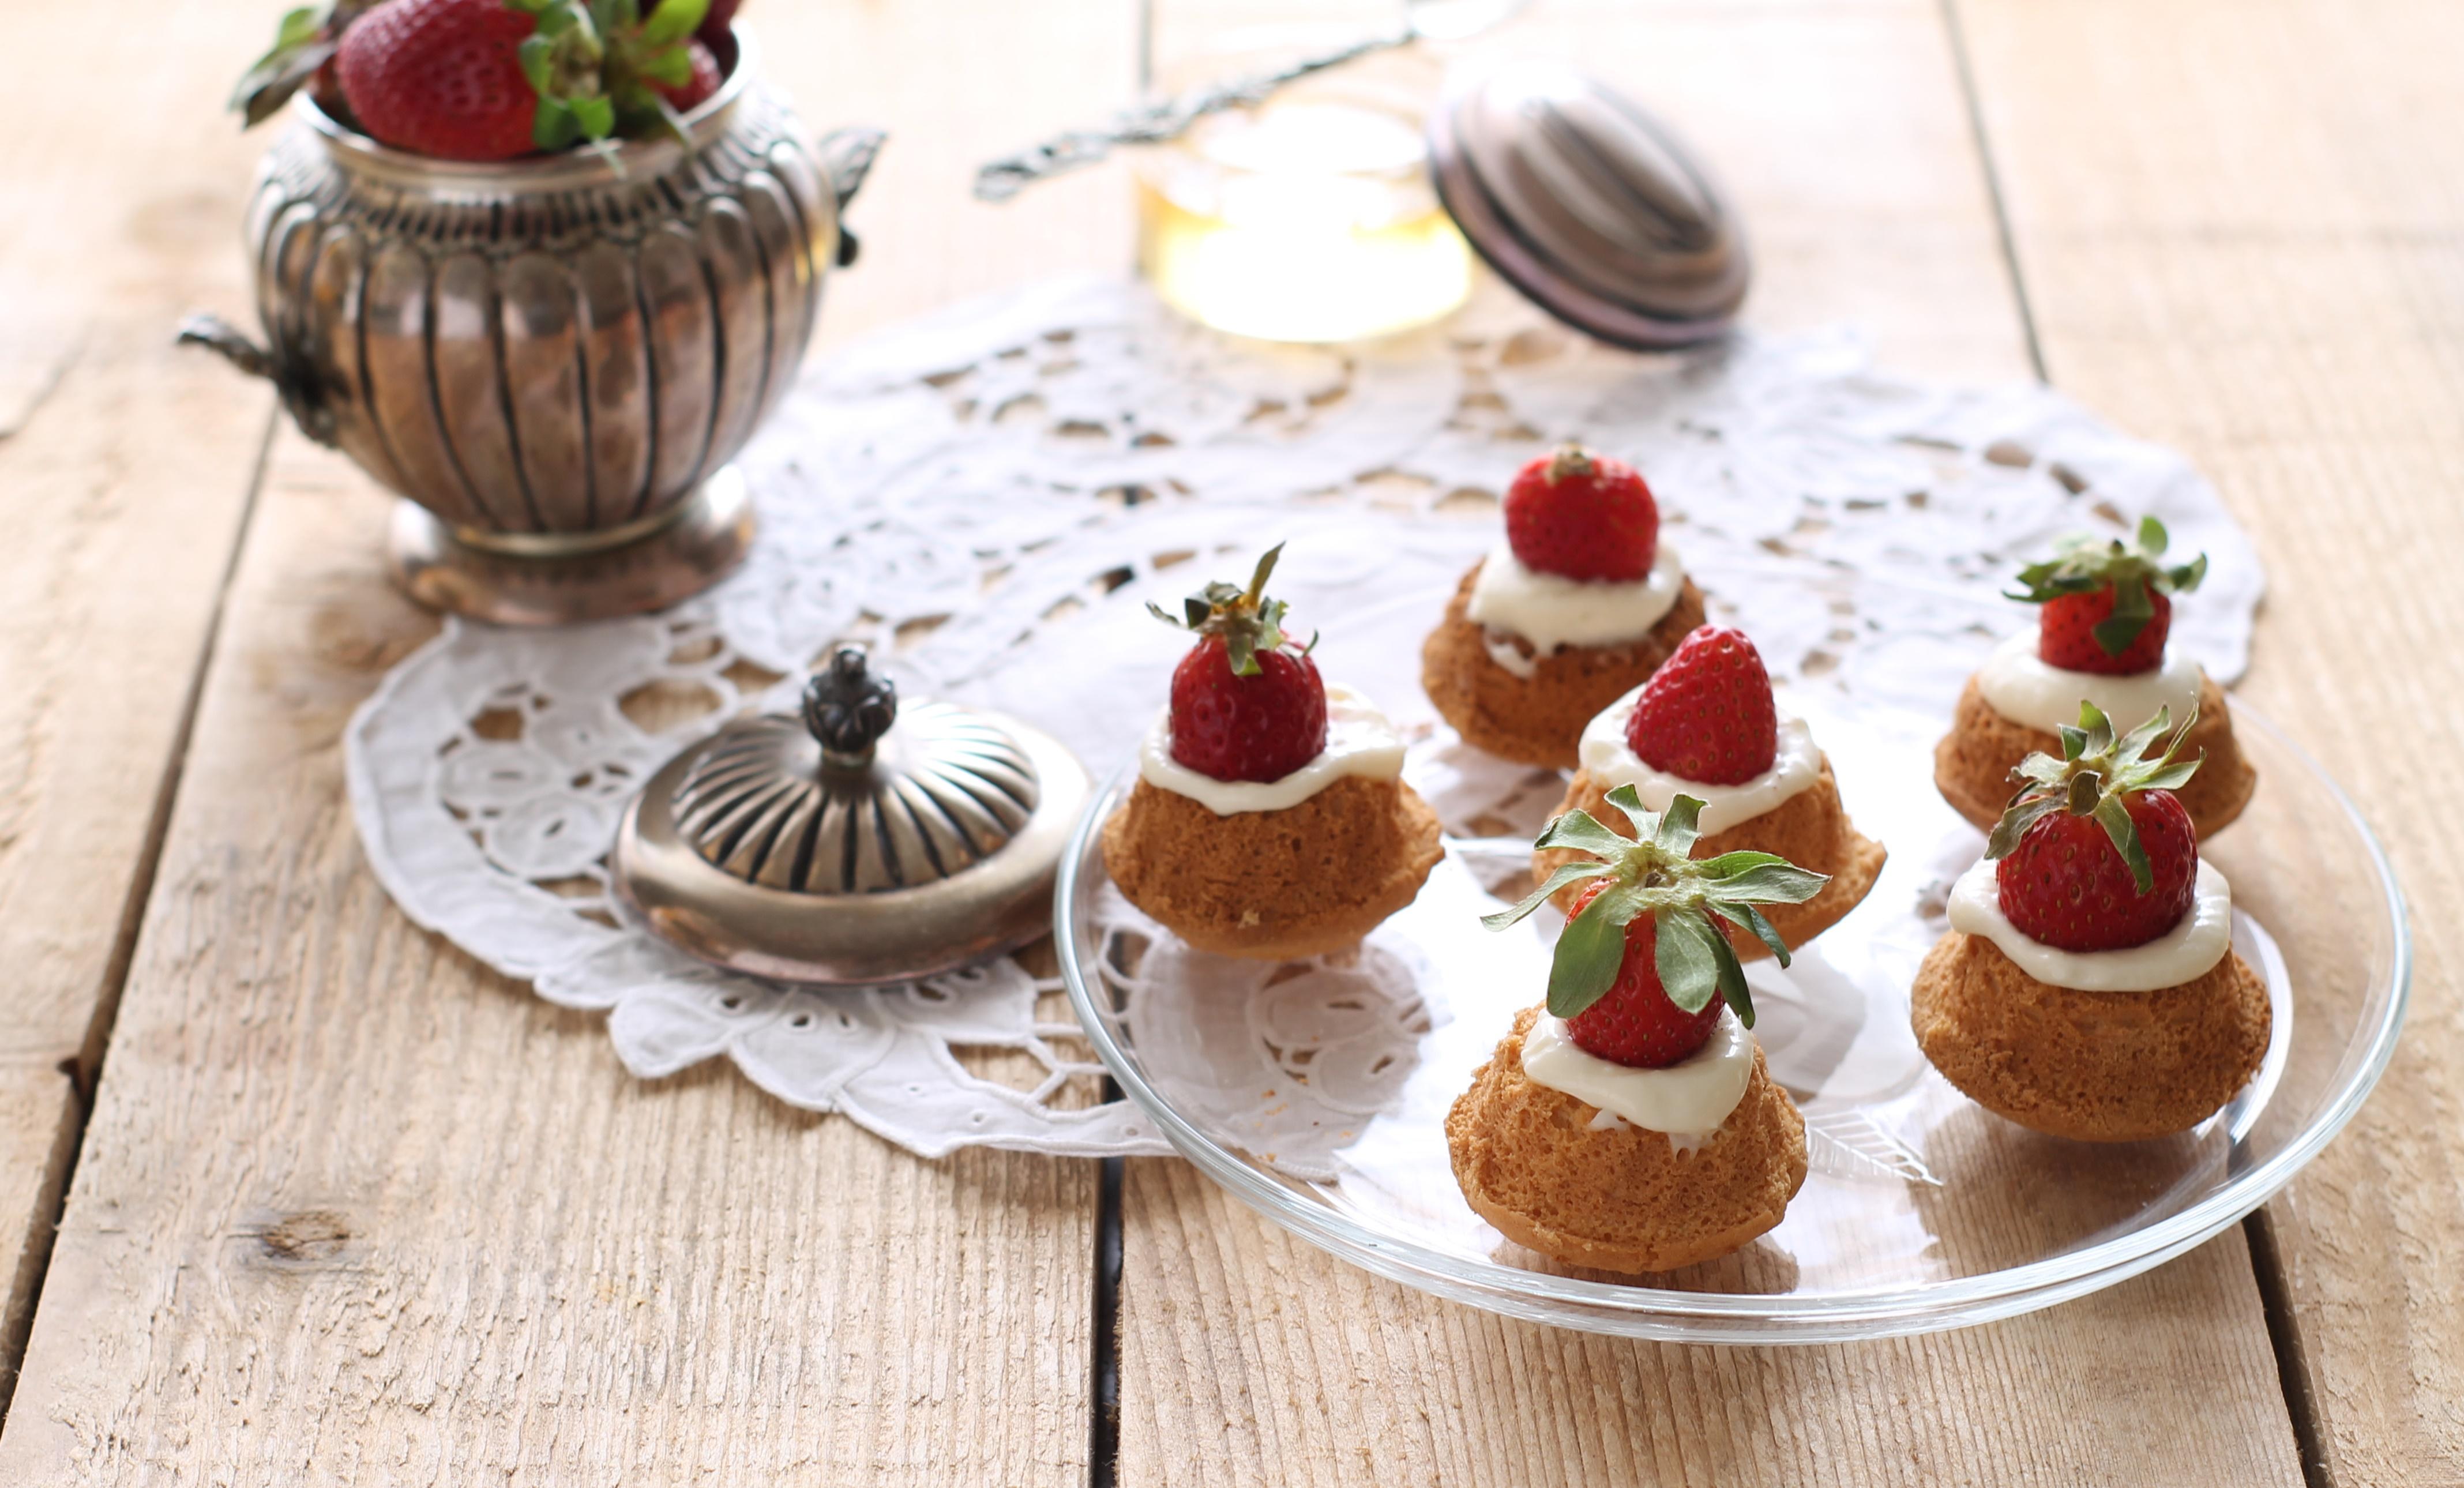 Petits fours avec crème et fraises sans gluten - La Cassata Celiaca